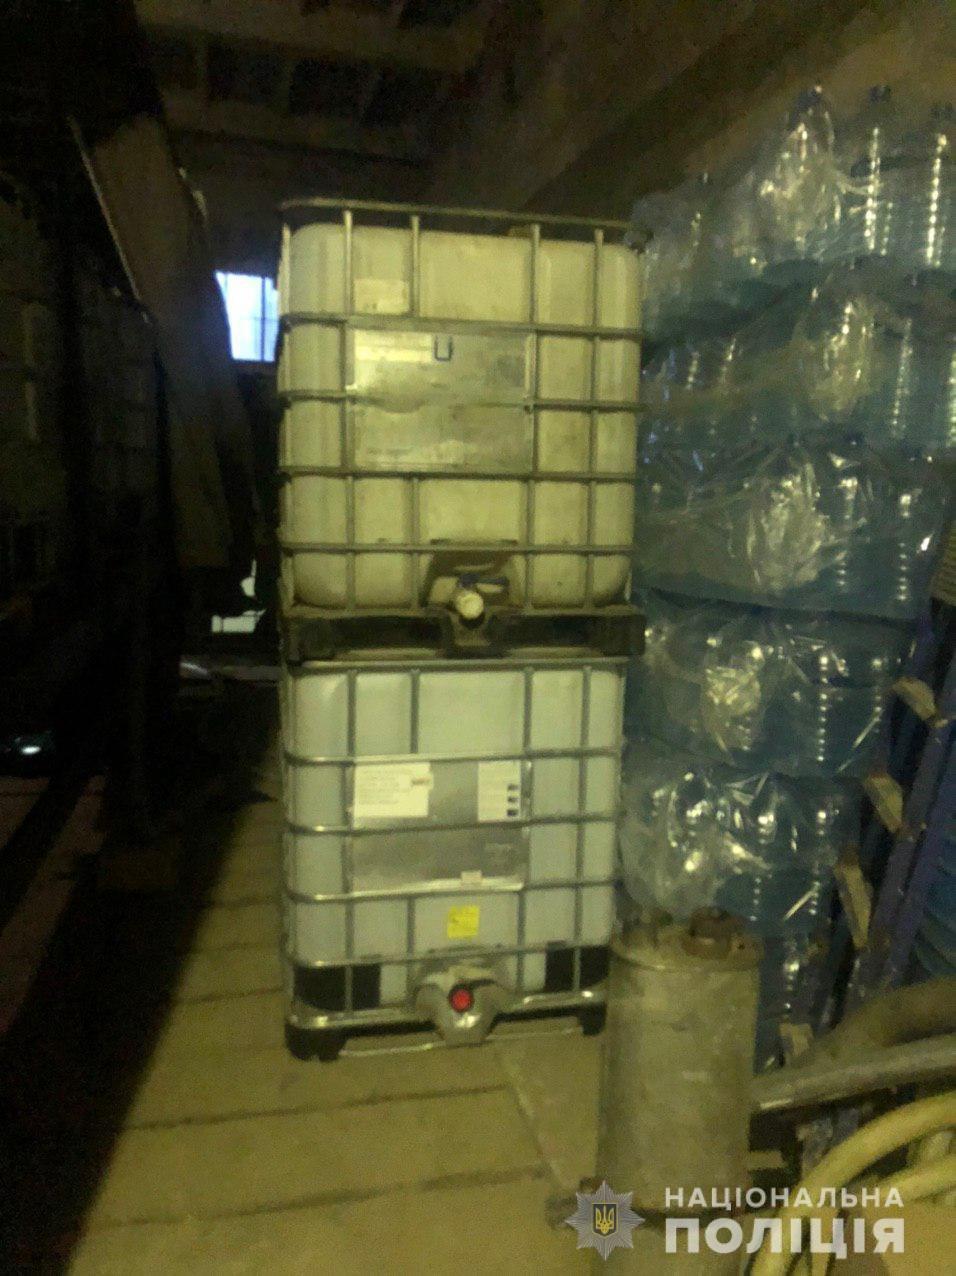 В Харькове изъяли 12 тонн спирта, который незаконно хранили в гараже, - ФОТО, фото-3